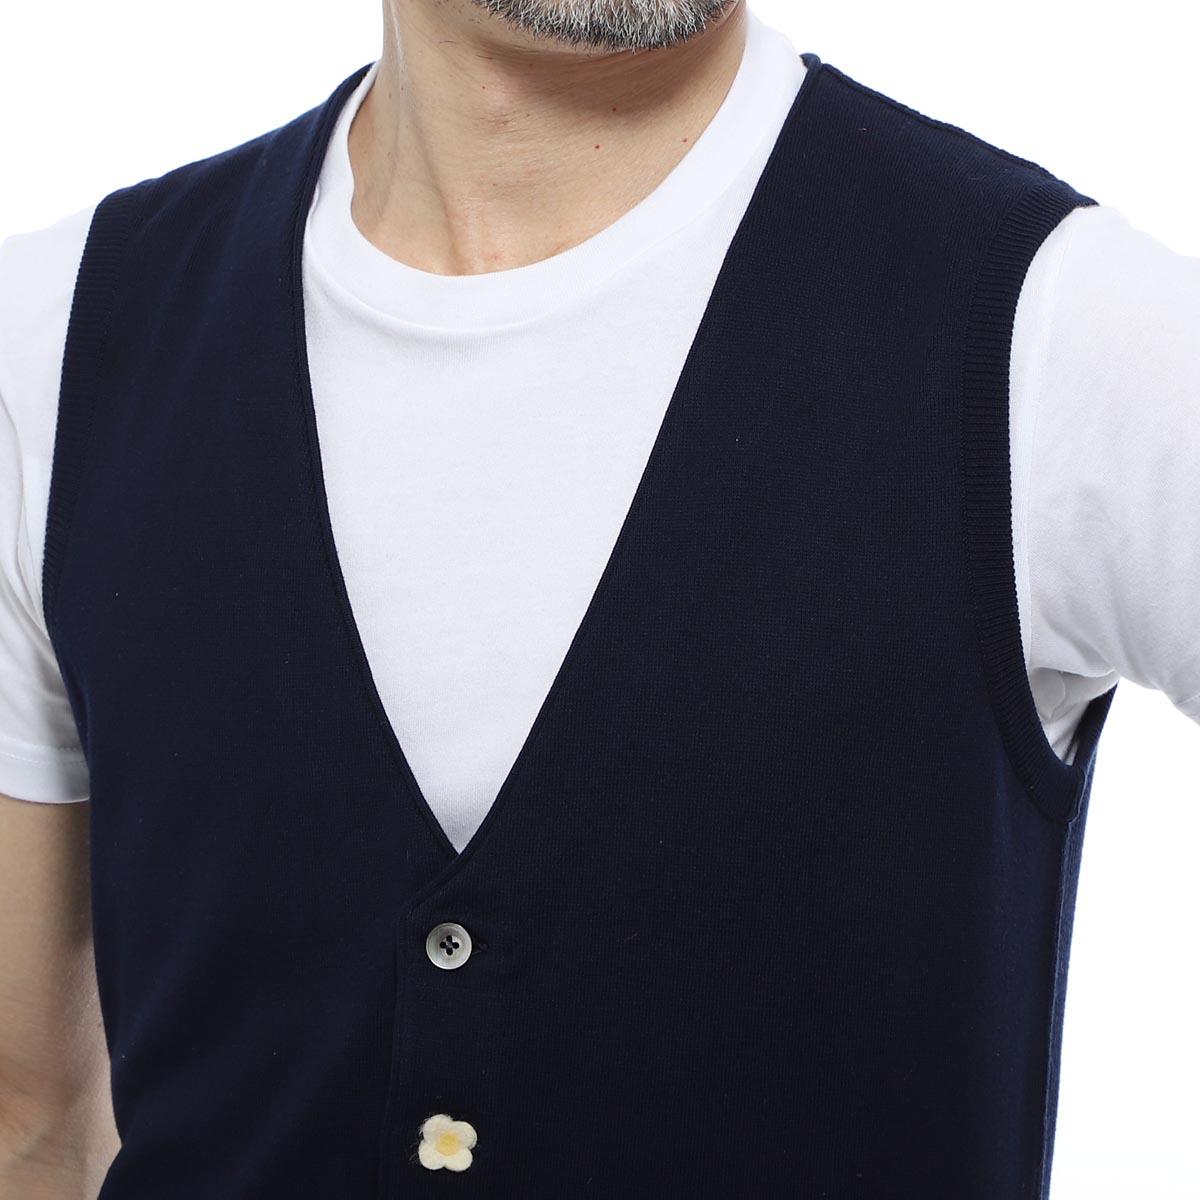 【1万円均一】【アウトレット】LARDINI ラルディーニ ベスト【大きいサイズあり】 メンズ